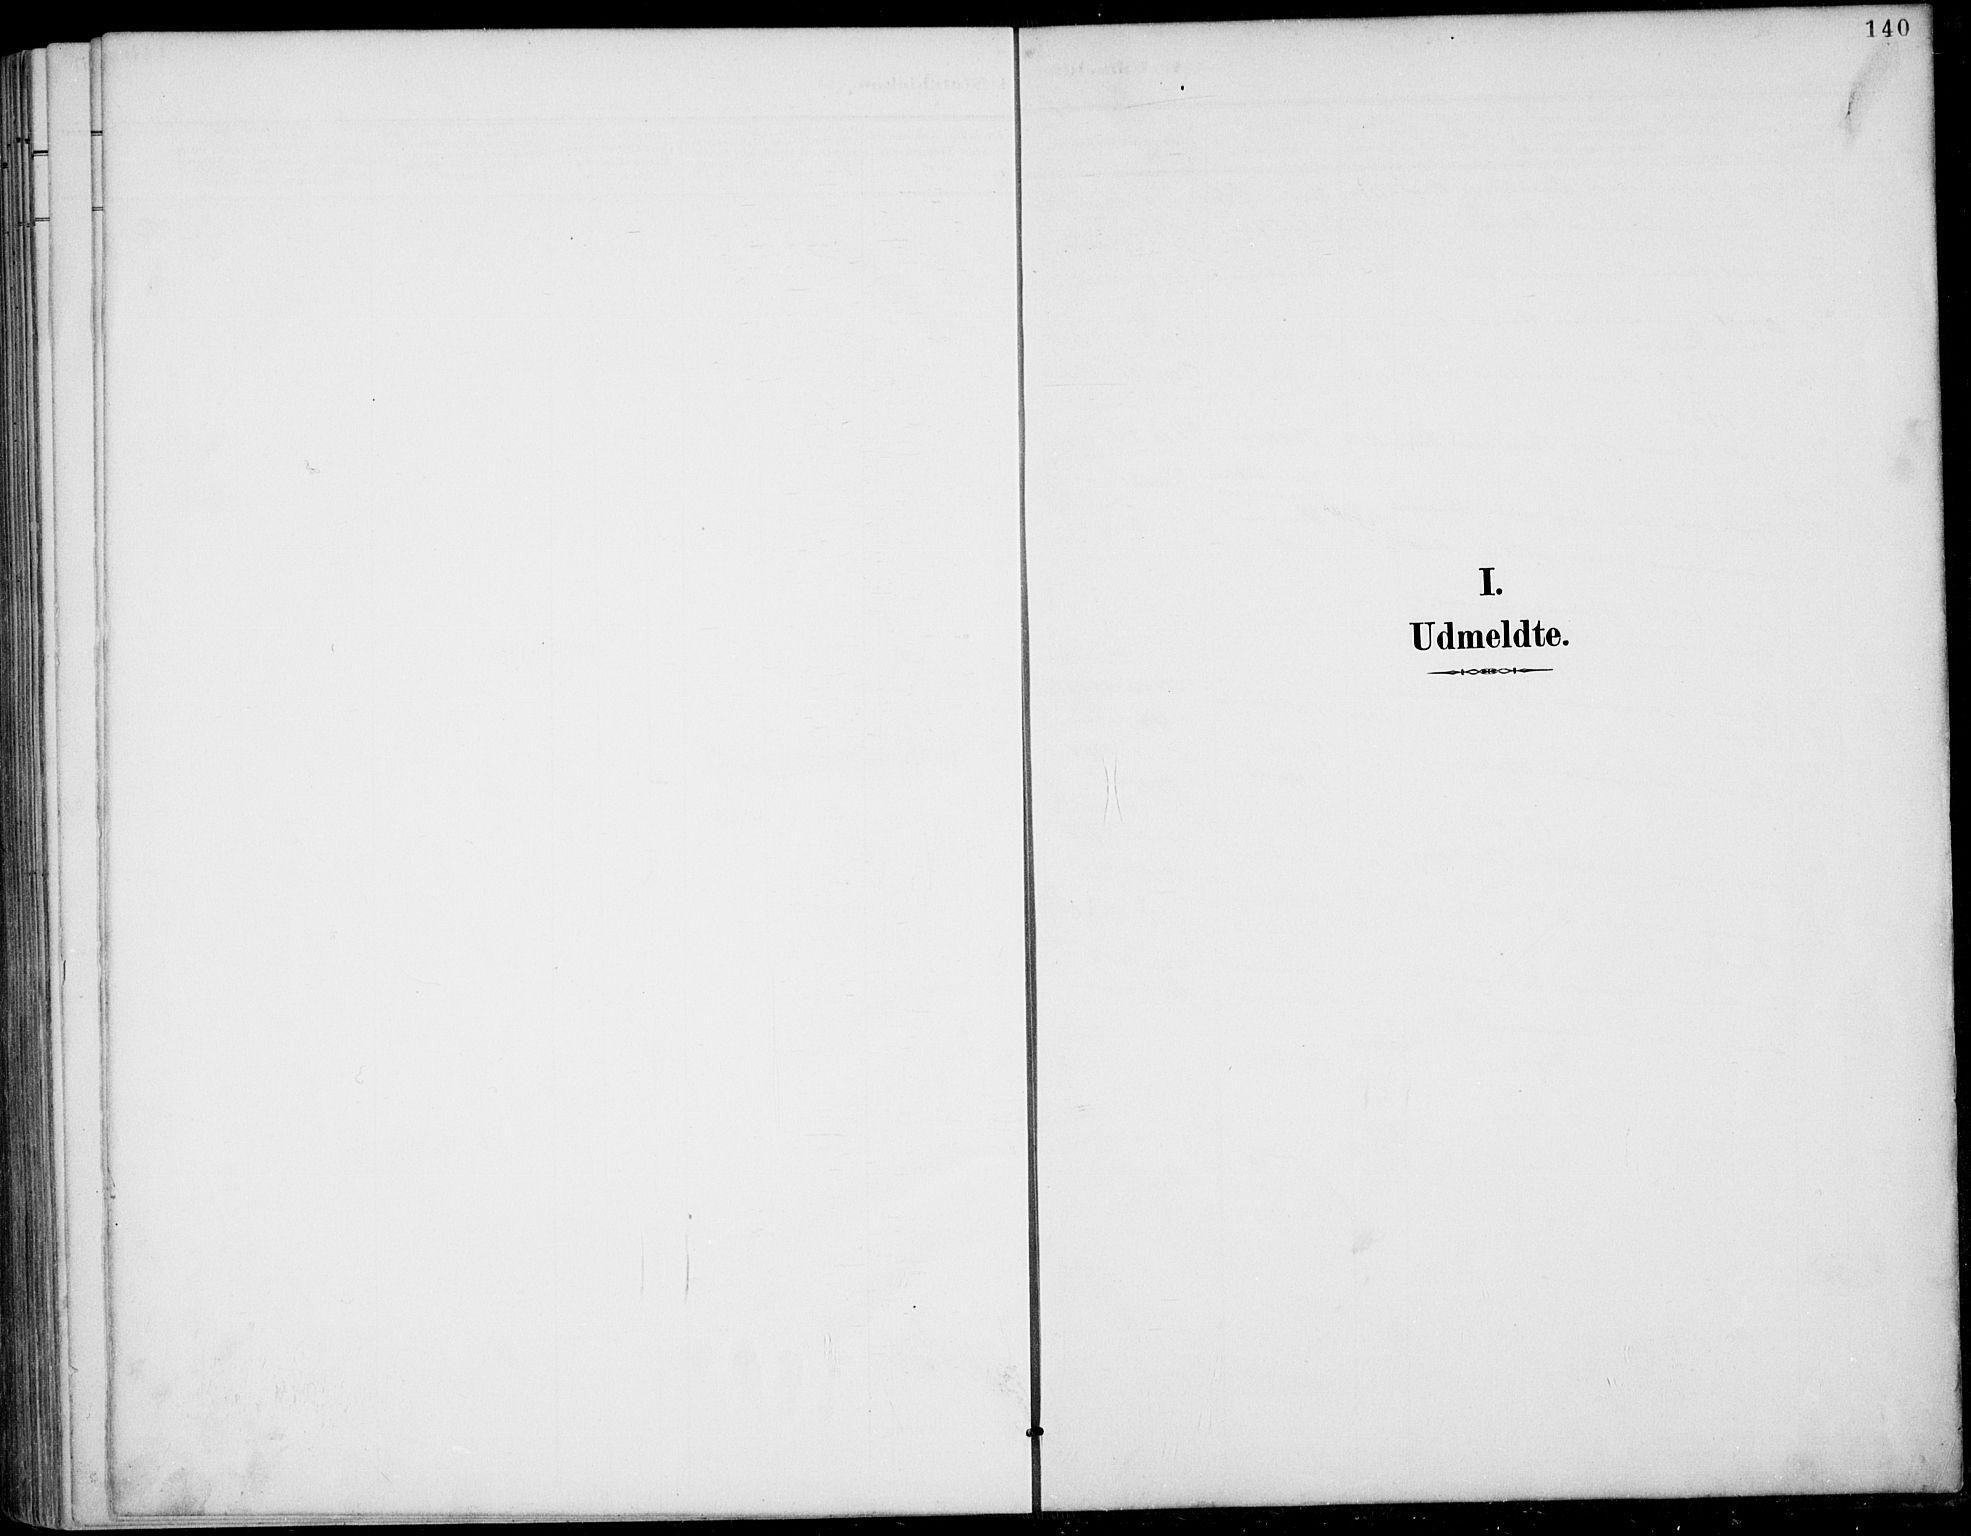 SAKO, Rauland kirkebøker, G/Gb/L0002: Klokkerbok nr. II 2, 1887-1937, s. 140